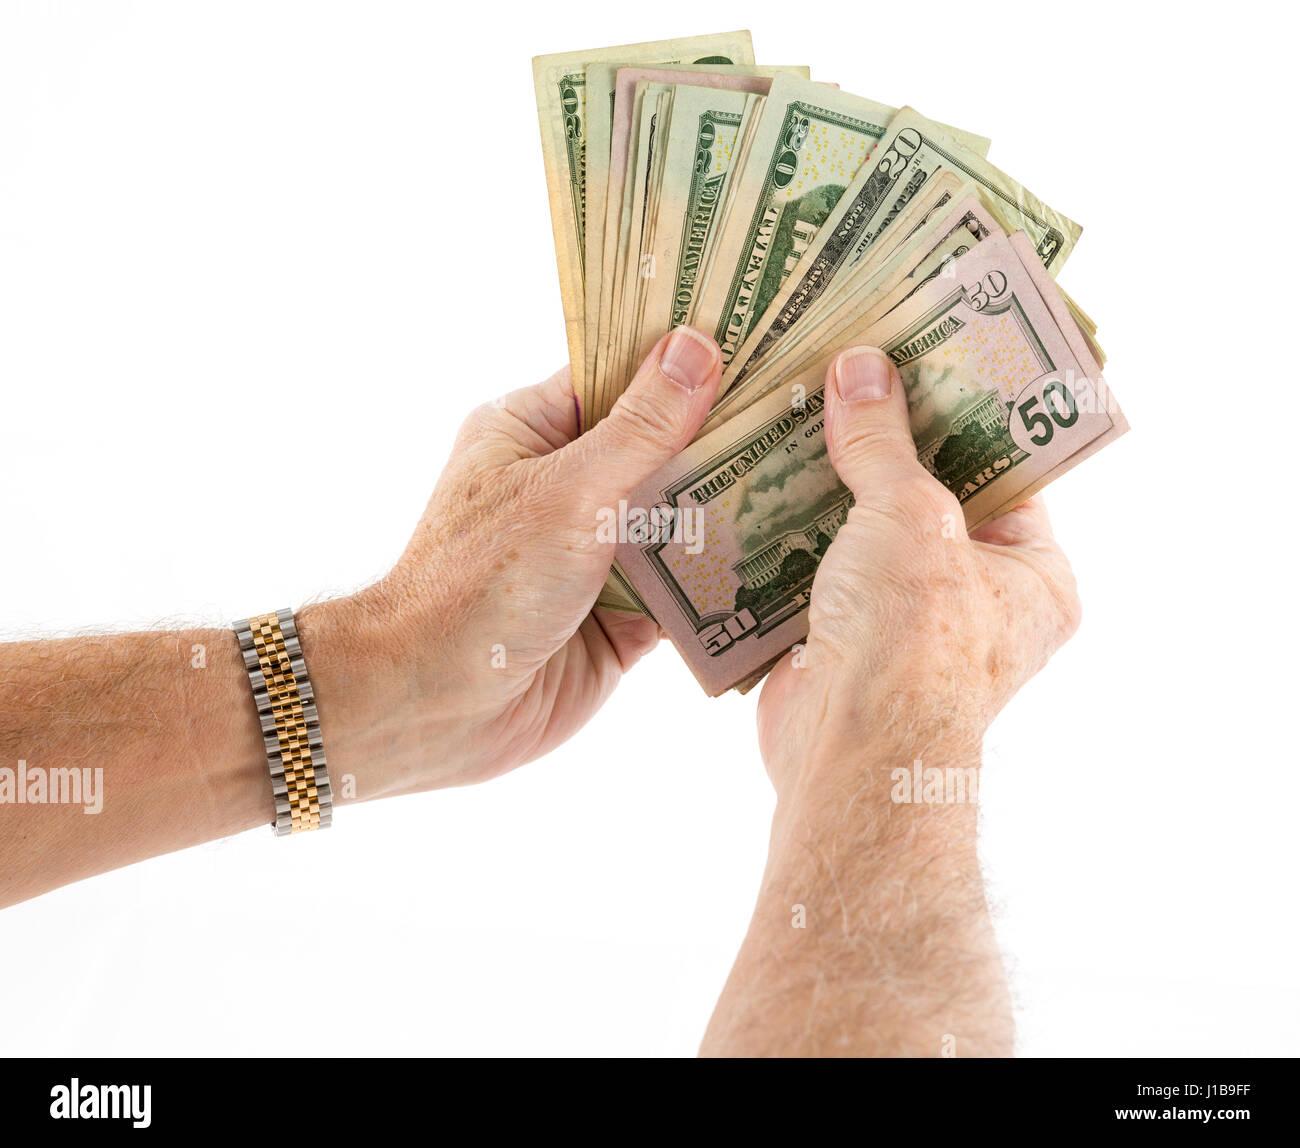 Tenendo la ventola del denaro - cinquanta e venti US Dollar Bills banconote Immagini Stock